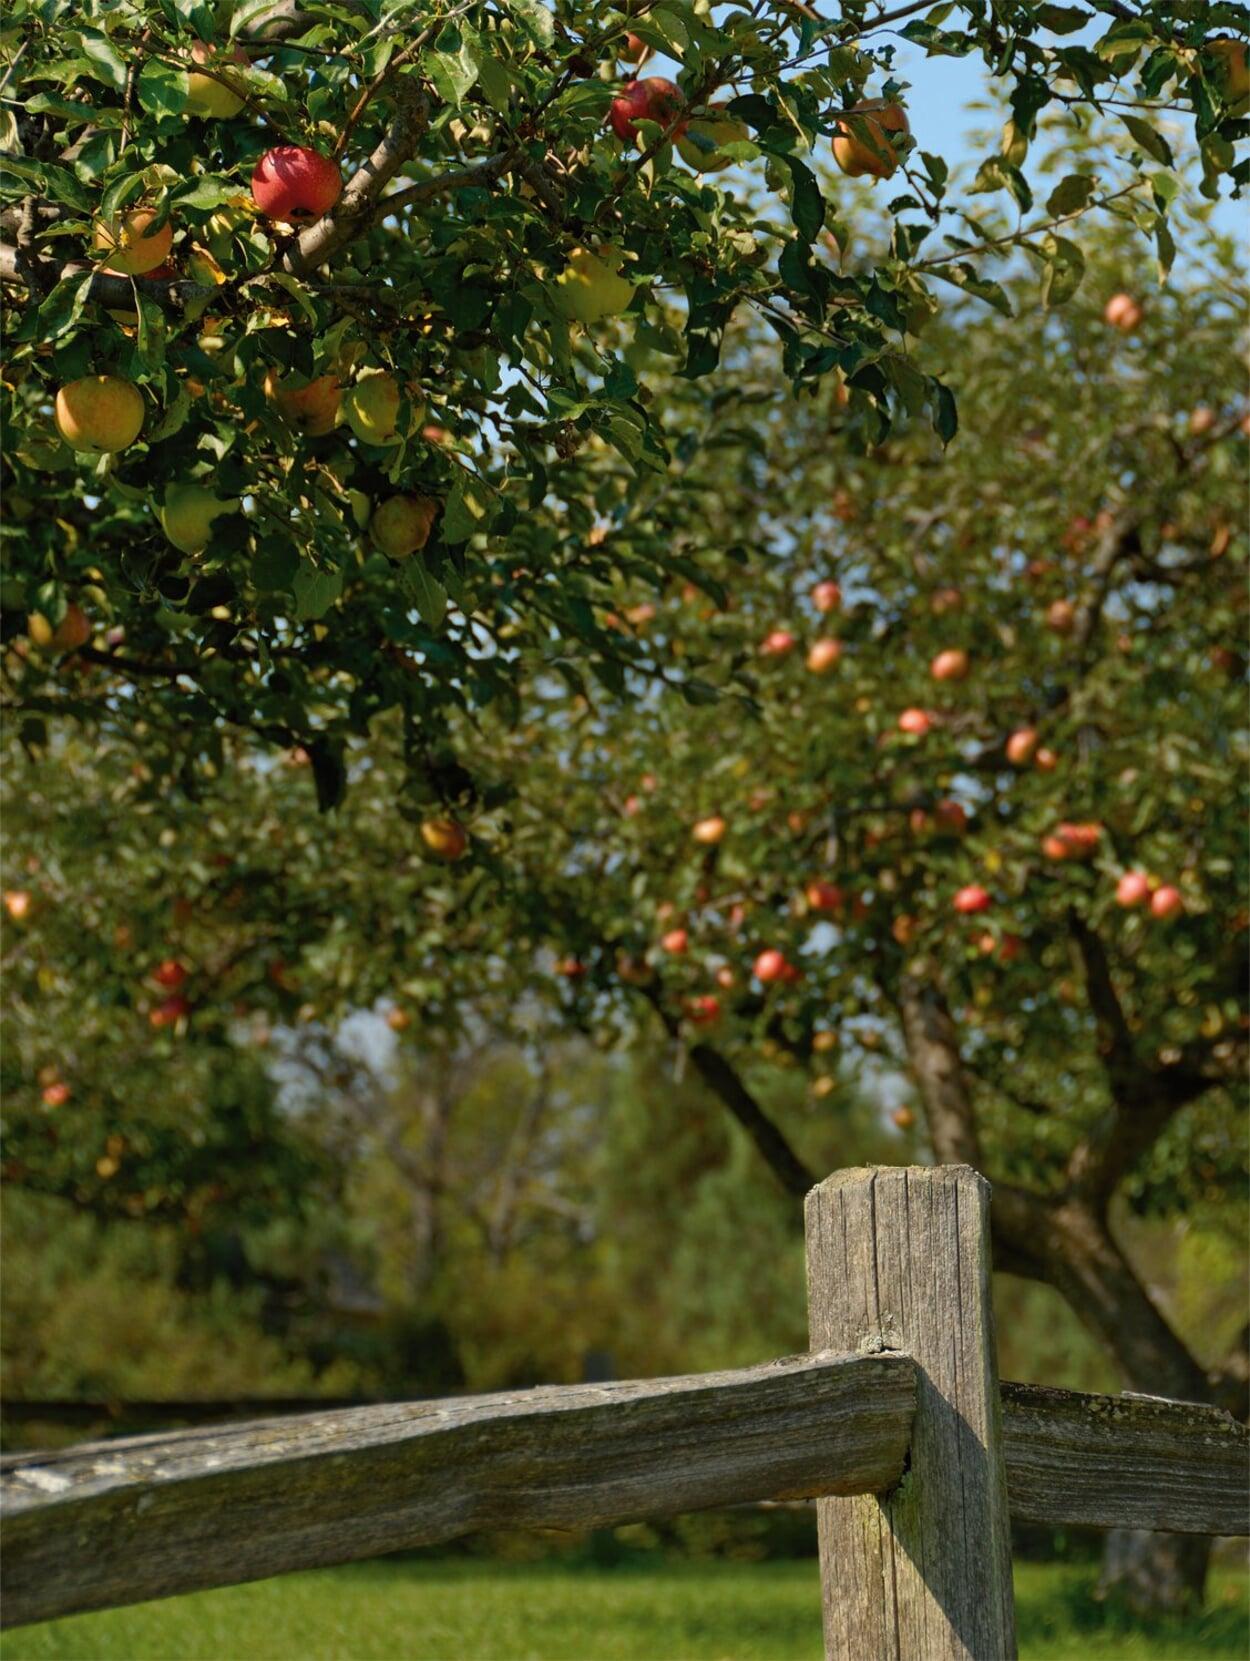 Bei der Pflanzung großwerdender Obstbäume den Abstand zur Grundstücksgrenze beachten